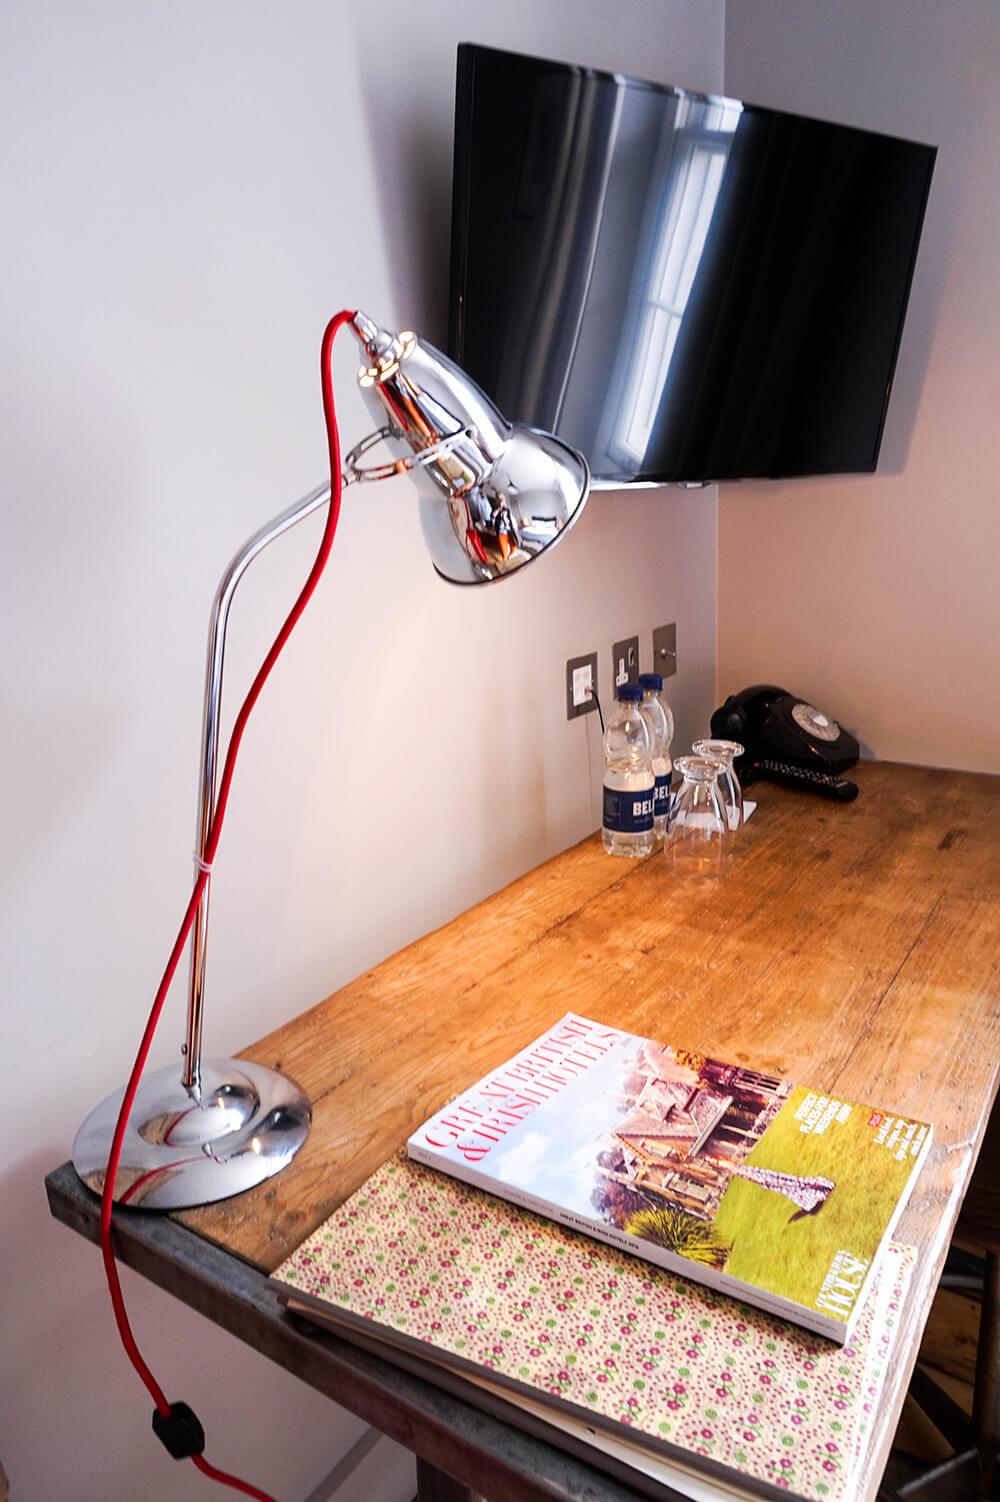 Artist-residence-desk